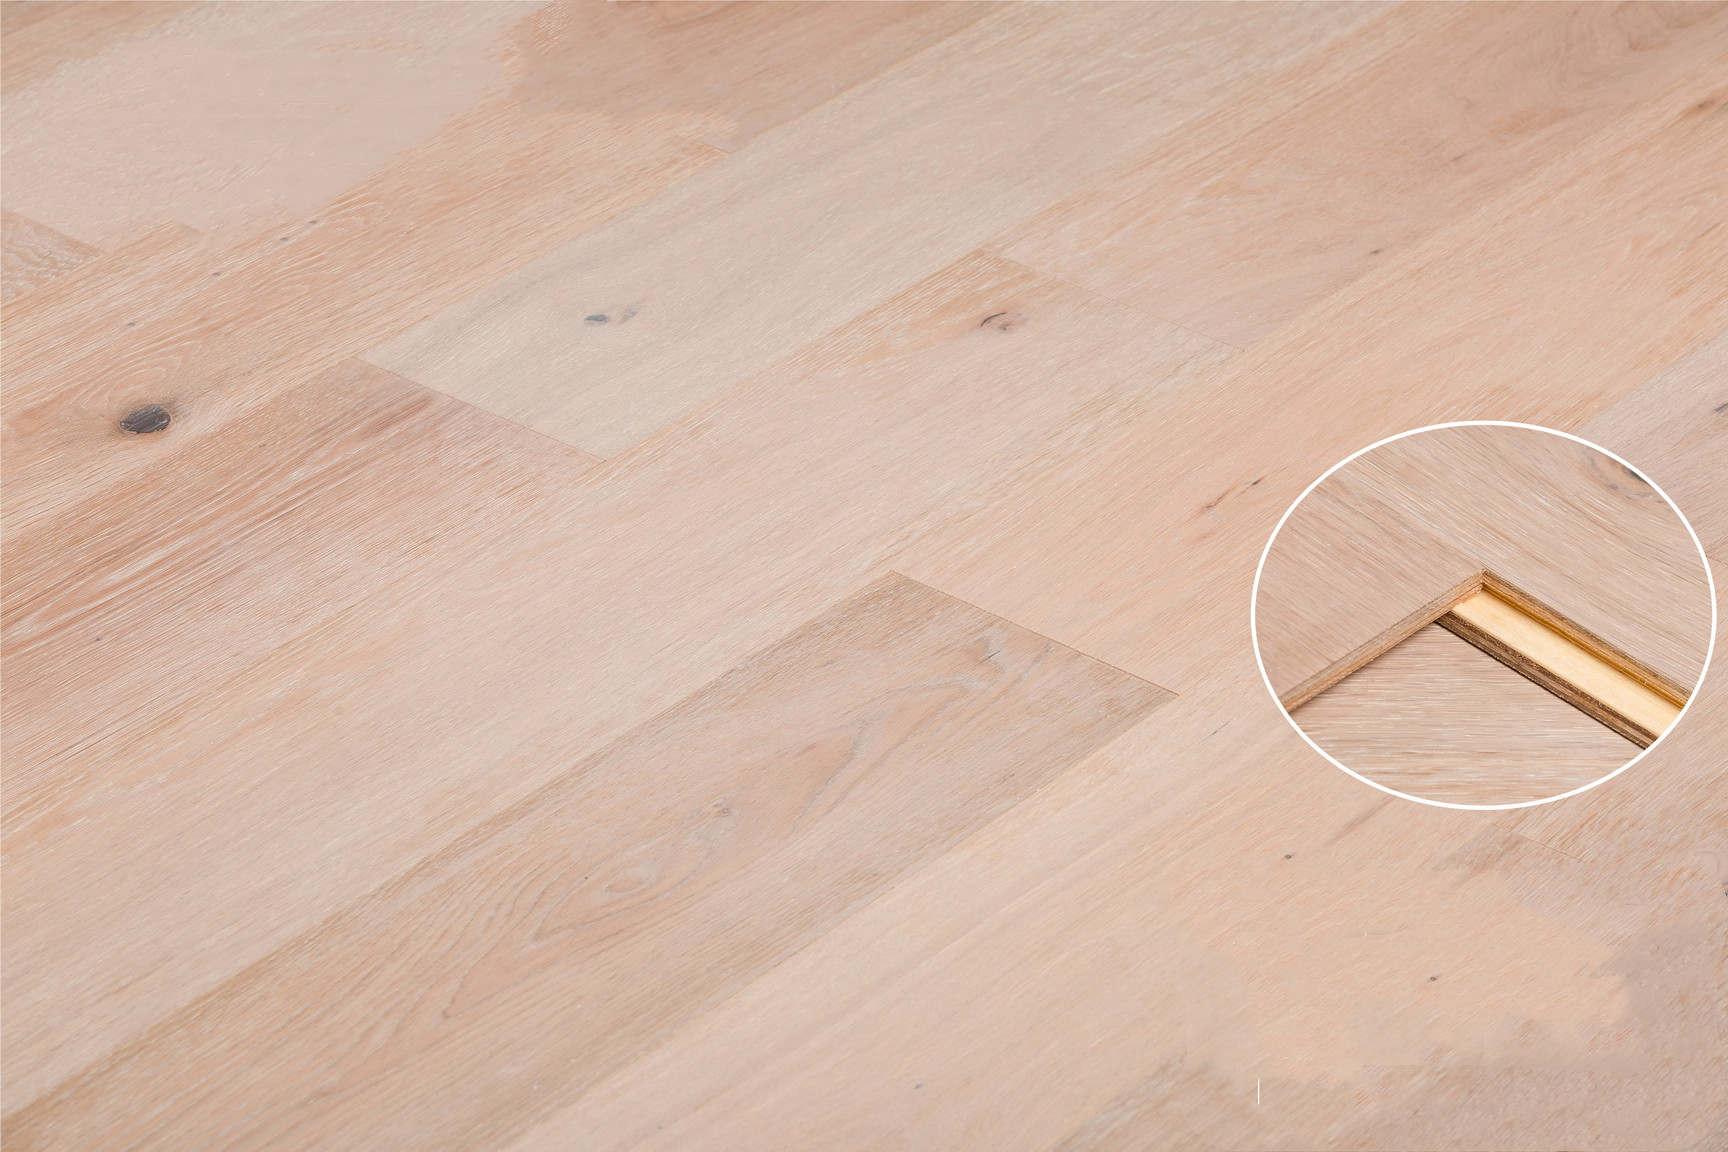 宜兴价格合理的无锡地区280元每平米的进口三层实木地板_名声好的无锡地区280元每平米的进口三层实木地板公司